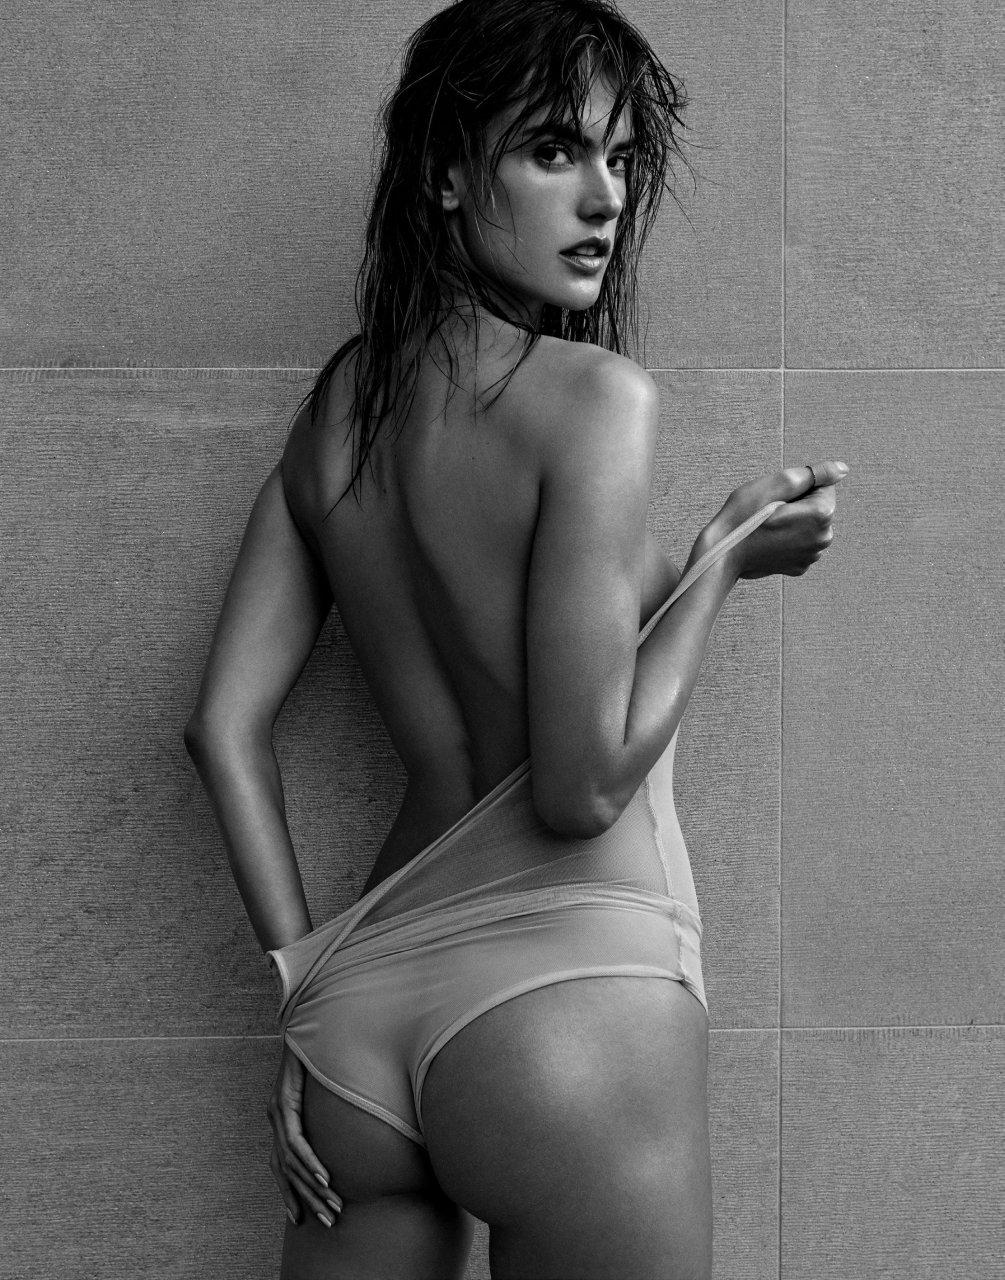 alessandra ambrosio sexy nude